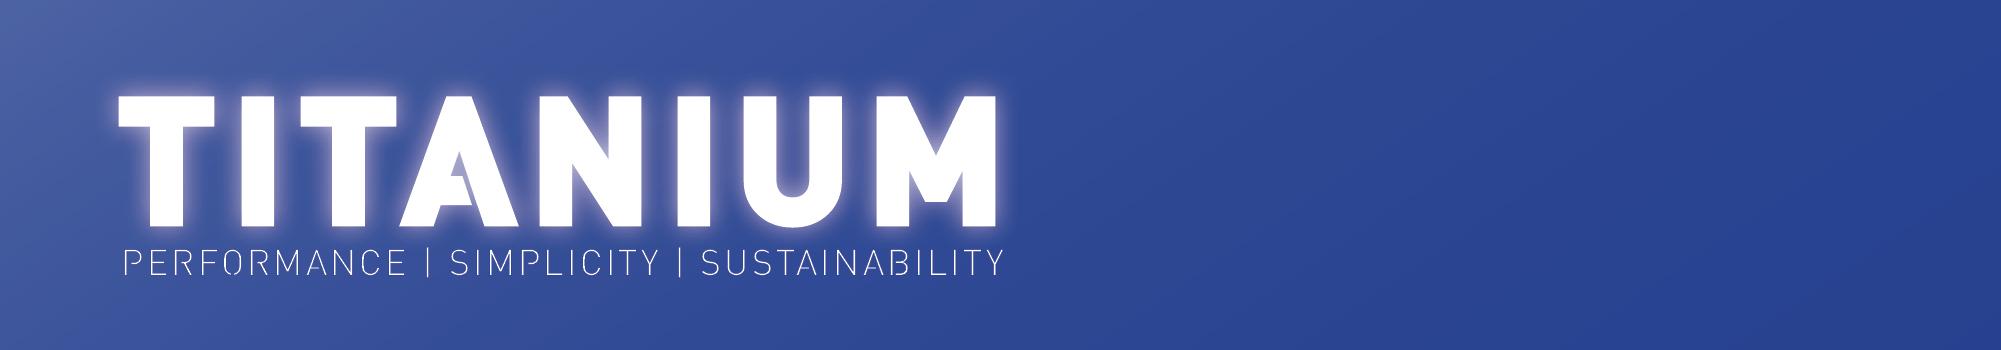 Titanium Banner Website 1